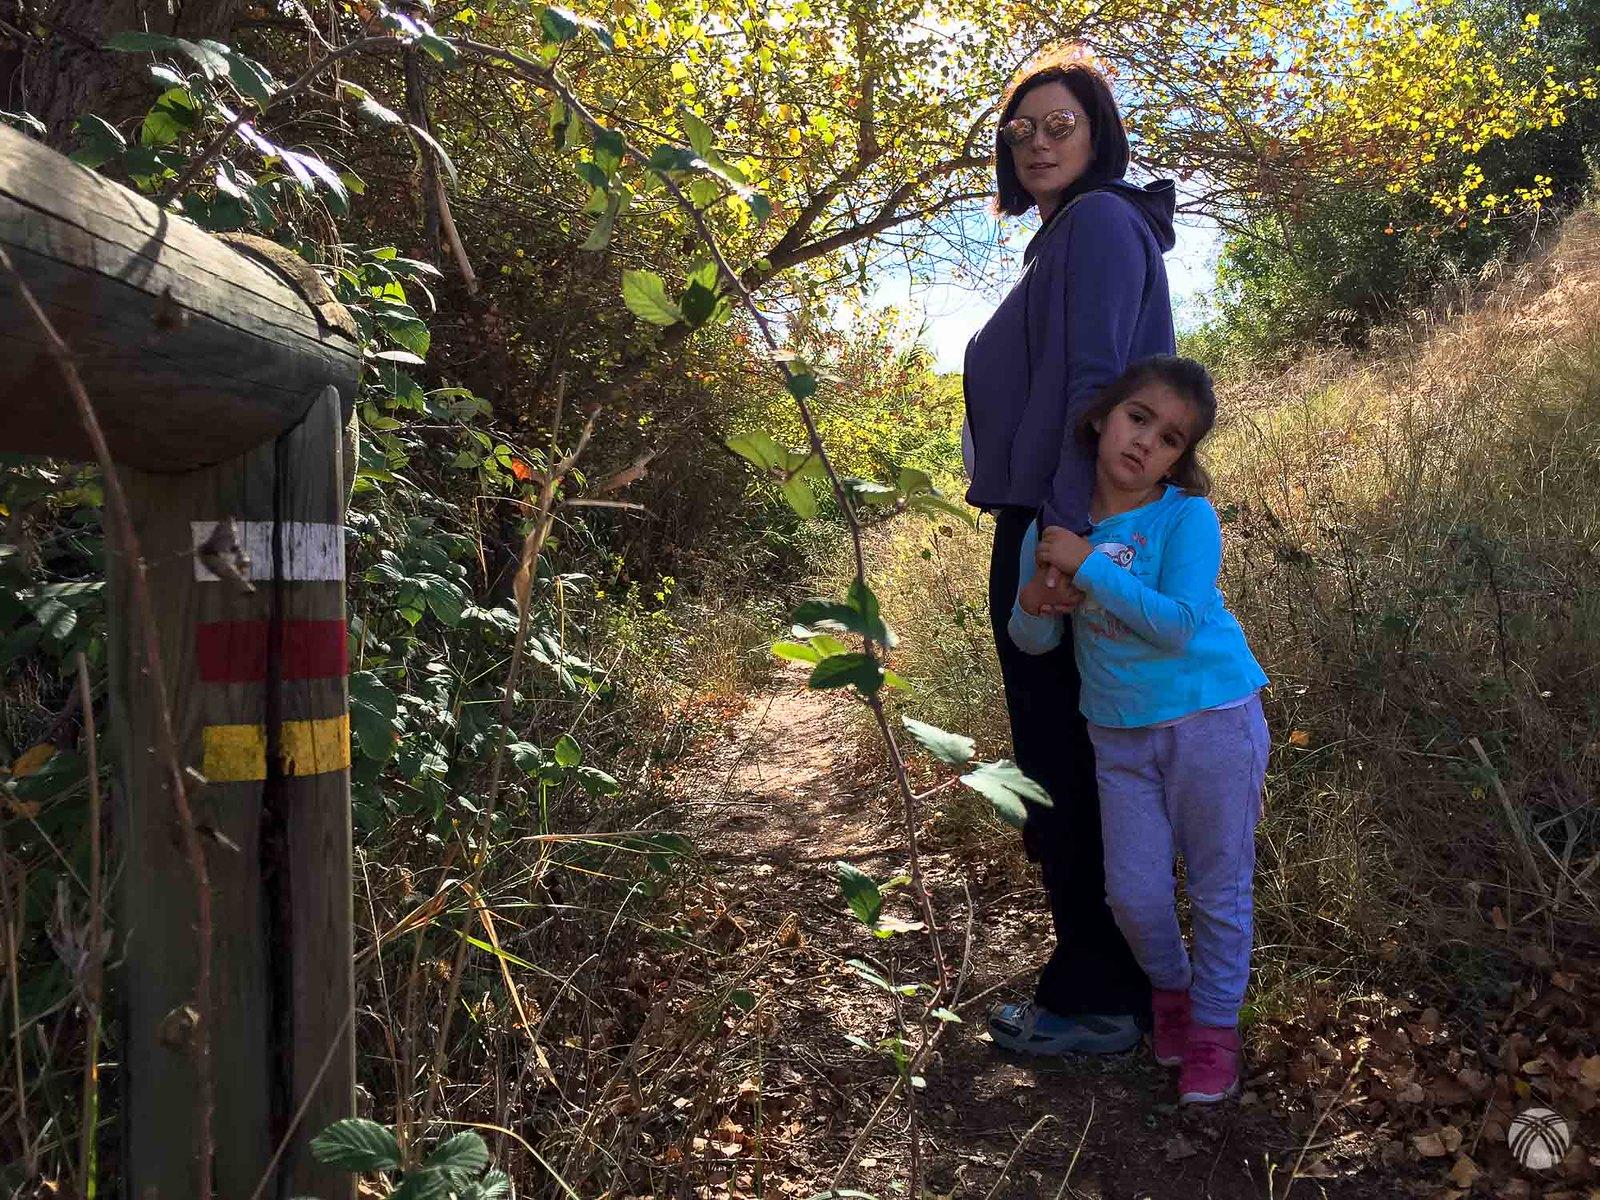 En el regreso por dentro del bosque coincidimos con el GR del Segura